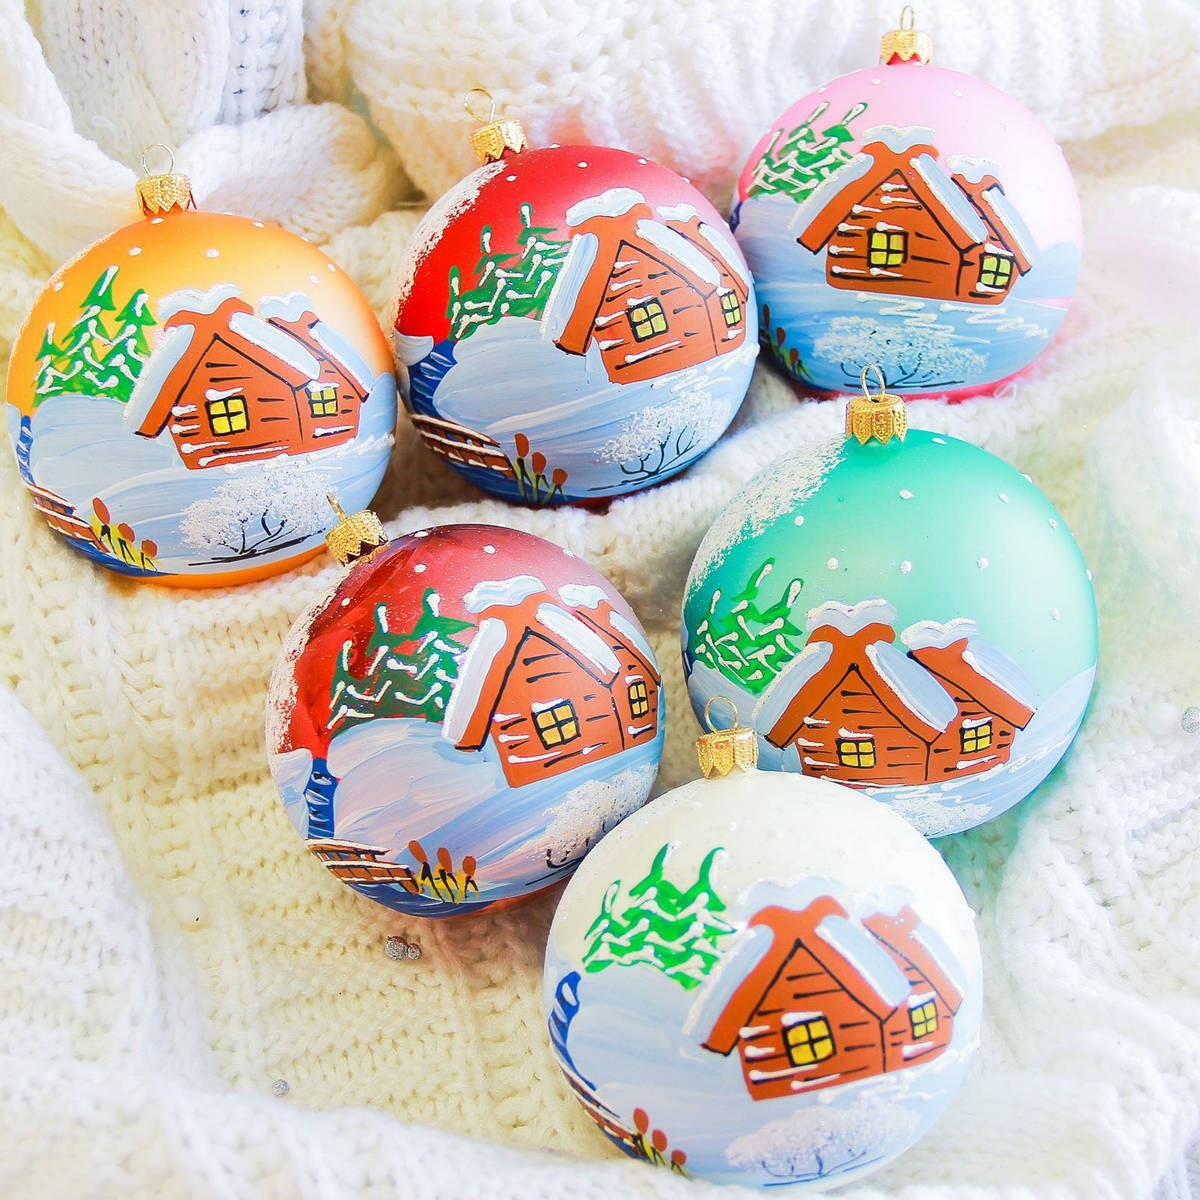 Украшение новогоднее елочное Иней Мостик, диаметр 10 см2555473Новогоднее подвесное украшение Иней отлично подойдет для декорации вашего дома и новогодней ели. Новогоднее украшение можно повесить в любом понравившемся вам месте. Но, конечно, удачнее всего оно будет смотреться на праздничной елке.Елочная игрушка - символ Нового года. Она несет в себе волшебство и красоту праздника. Такое украшение создаст в вашем доме атмосферу праздника, веселья и радости.